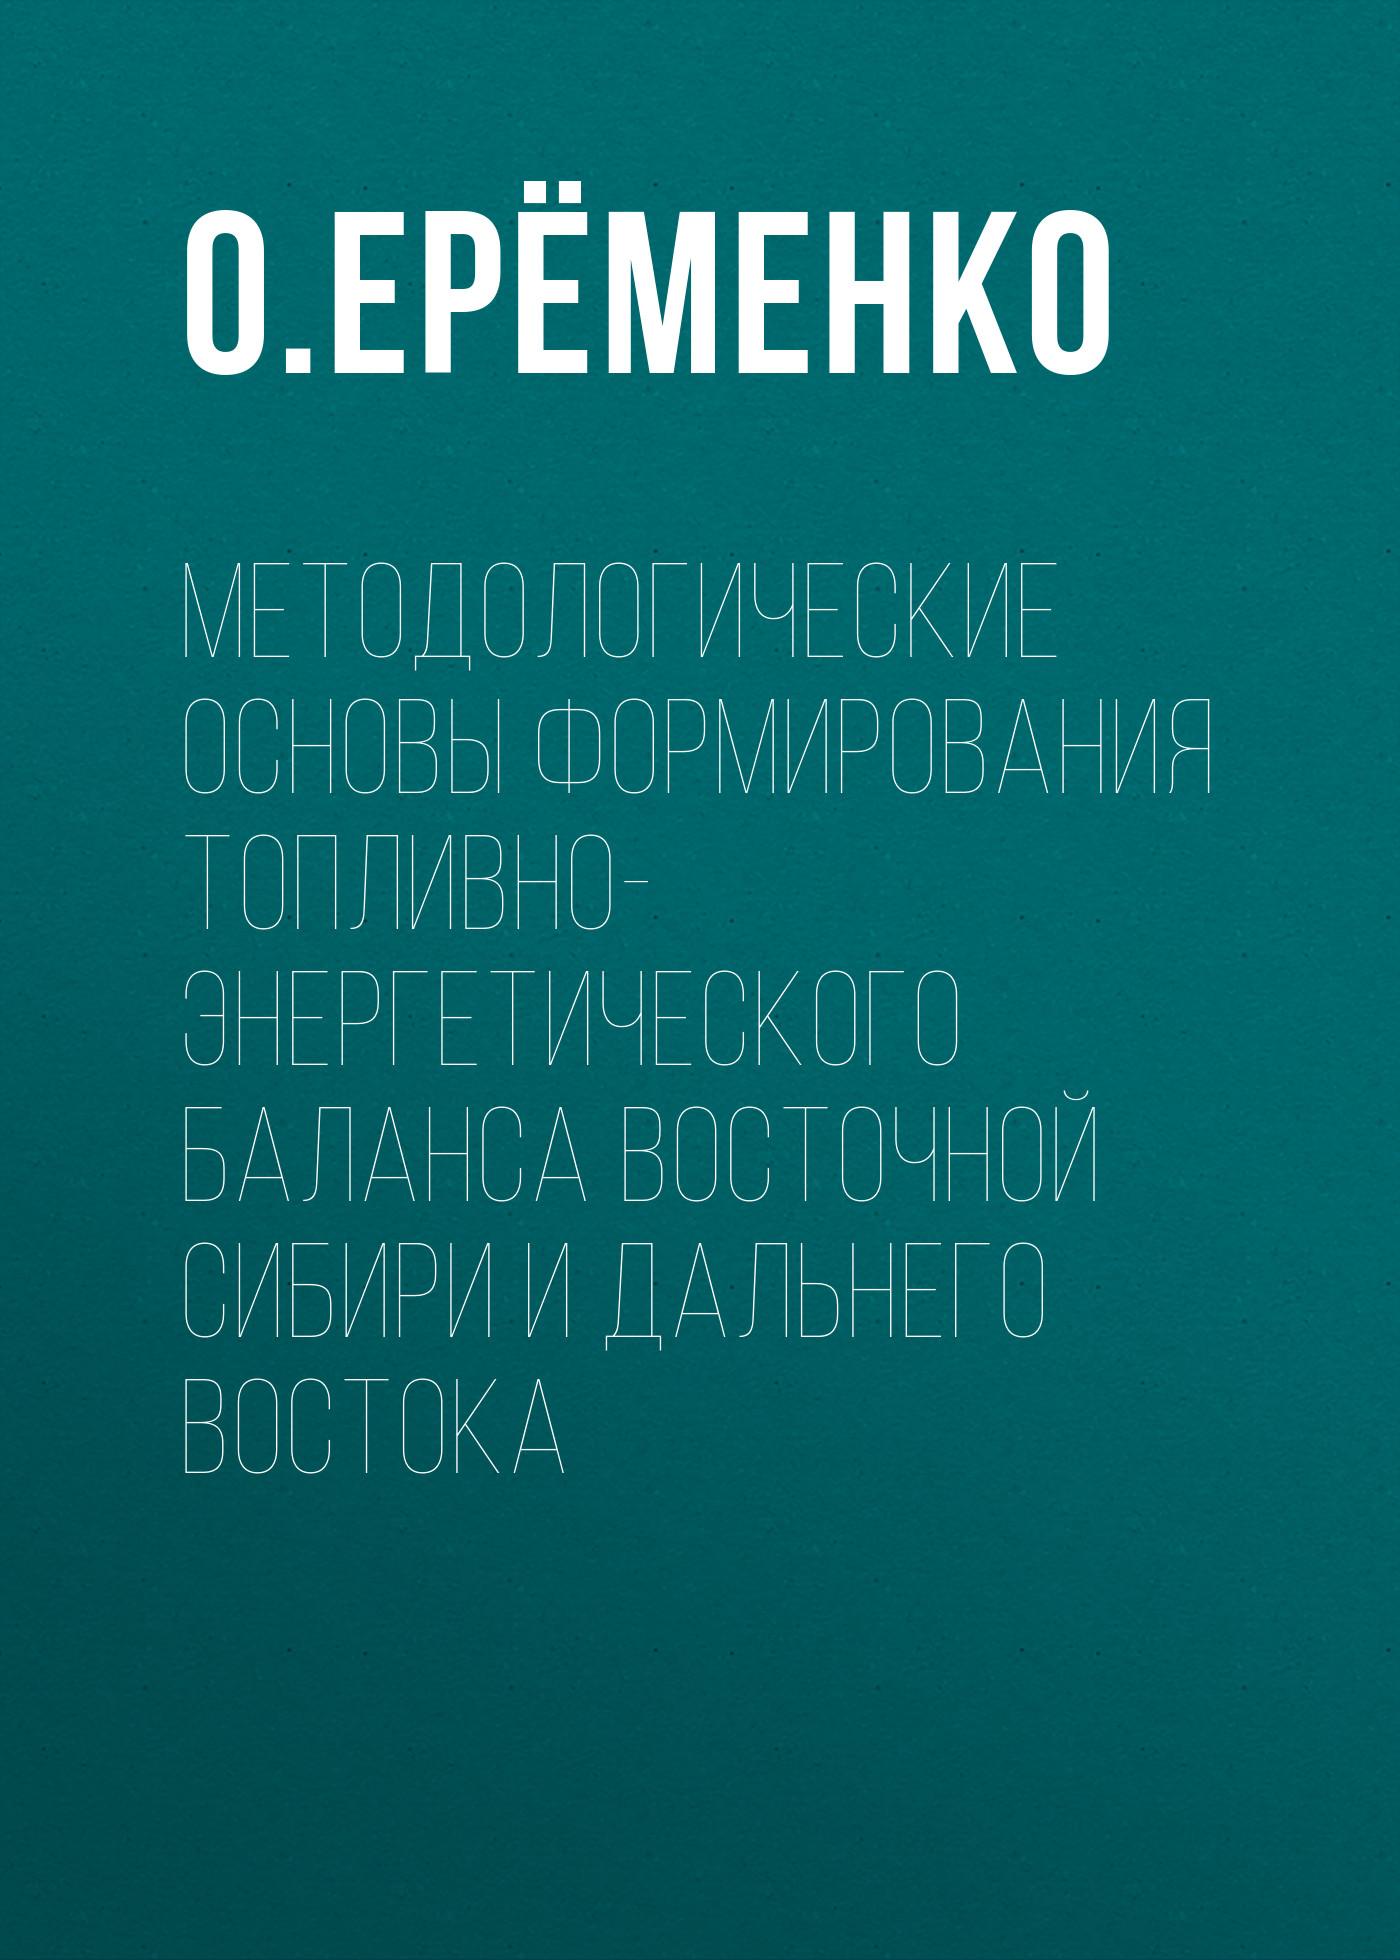 О. Ерёменко Методологические основы формирования топливно-энергетического баланса Восточной Сибири и Дальнего Востока алексей мартос письма о восточной сибири